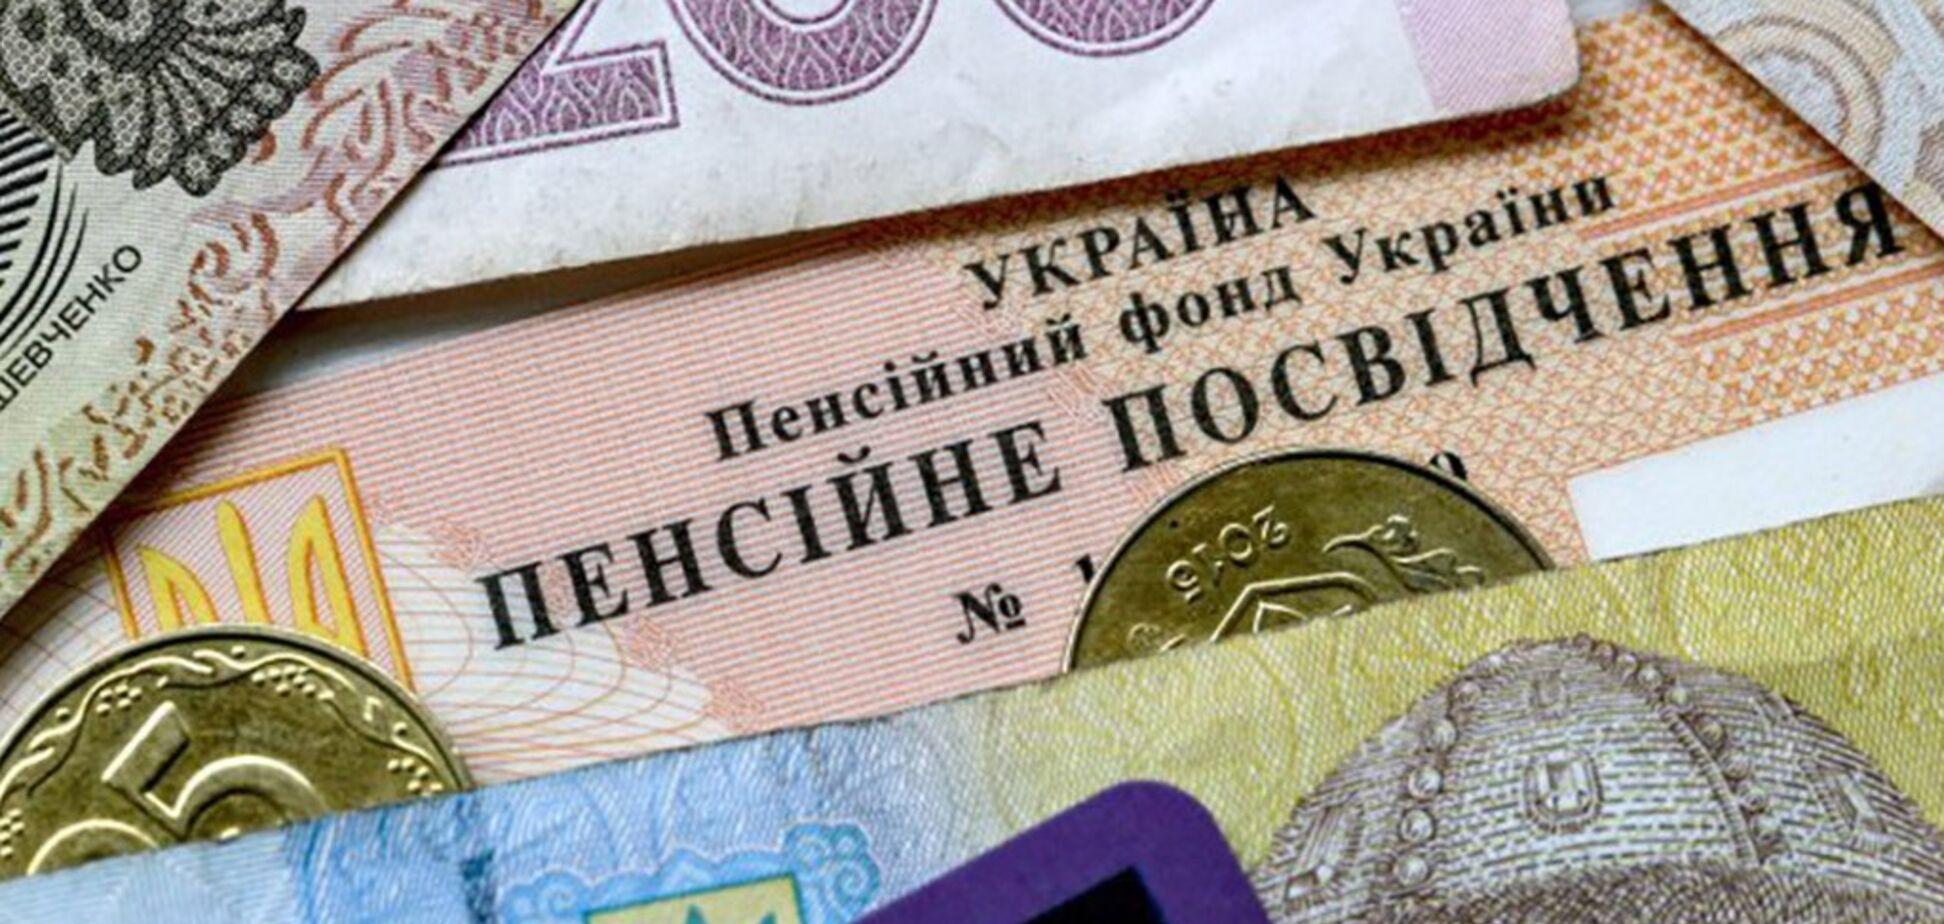 'Например, 72 года': в Украине хотят повысить пенсионный возраст